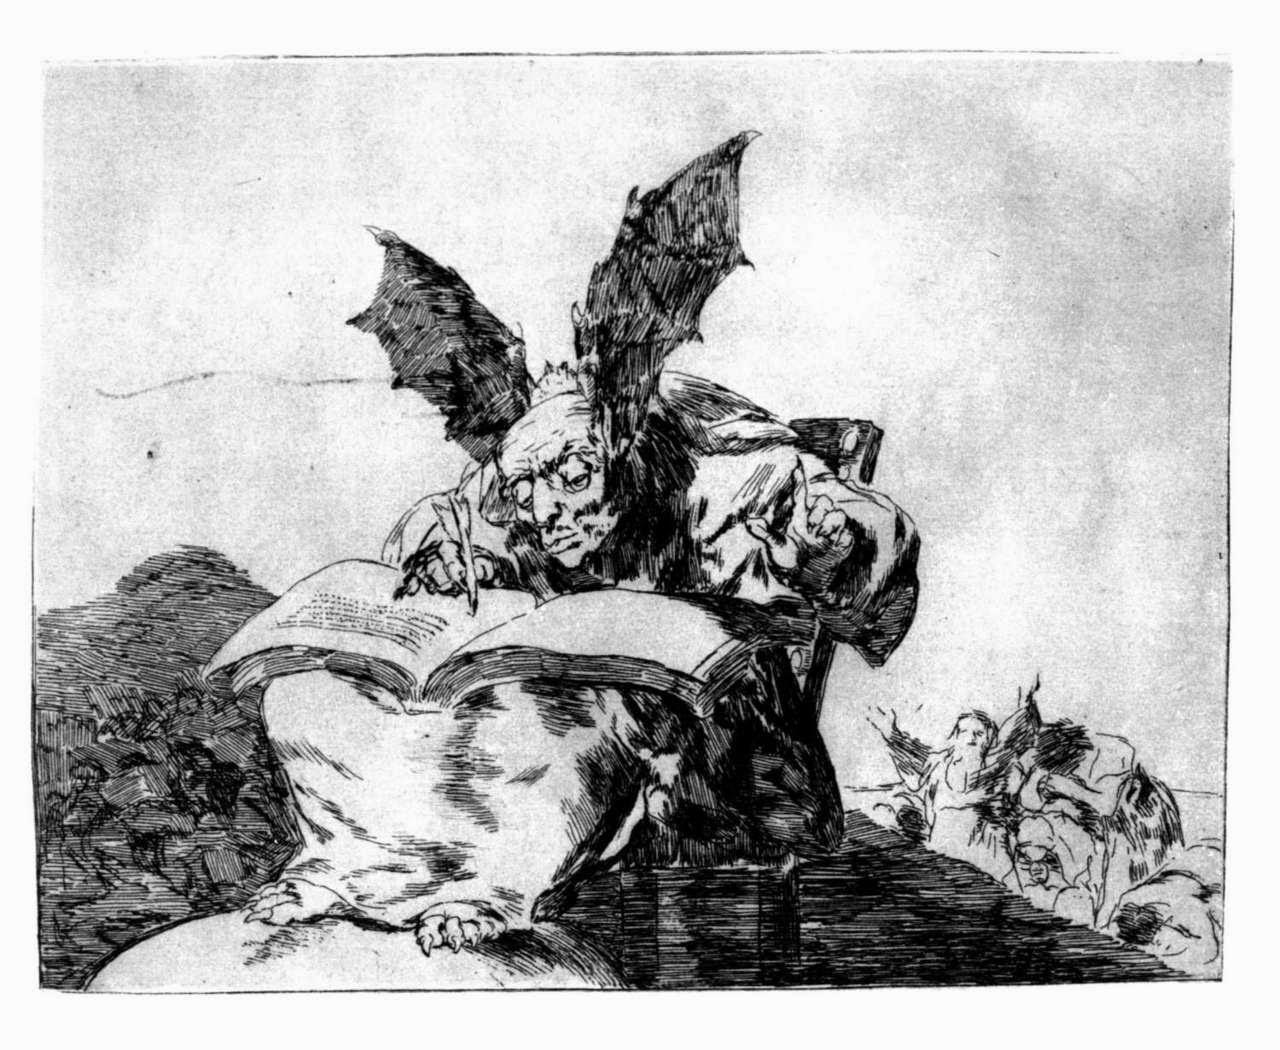 Generał martwej armii, Kadare Ismail, Okres ochronny na czarownice, Carmaniola, Goya